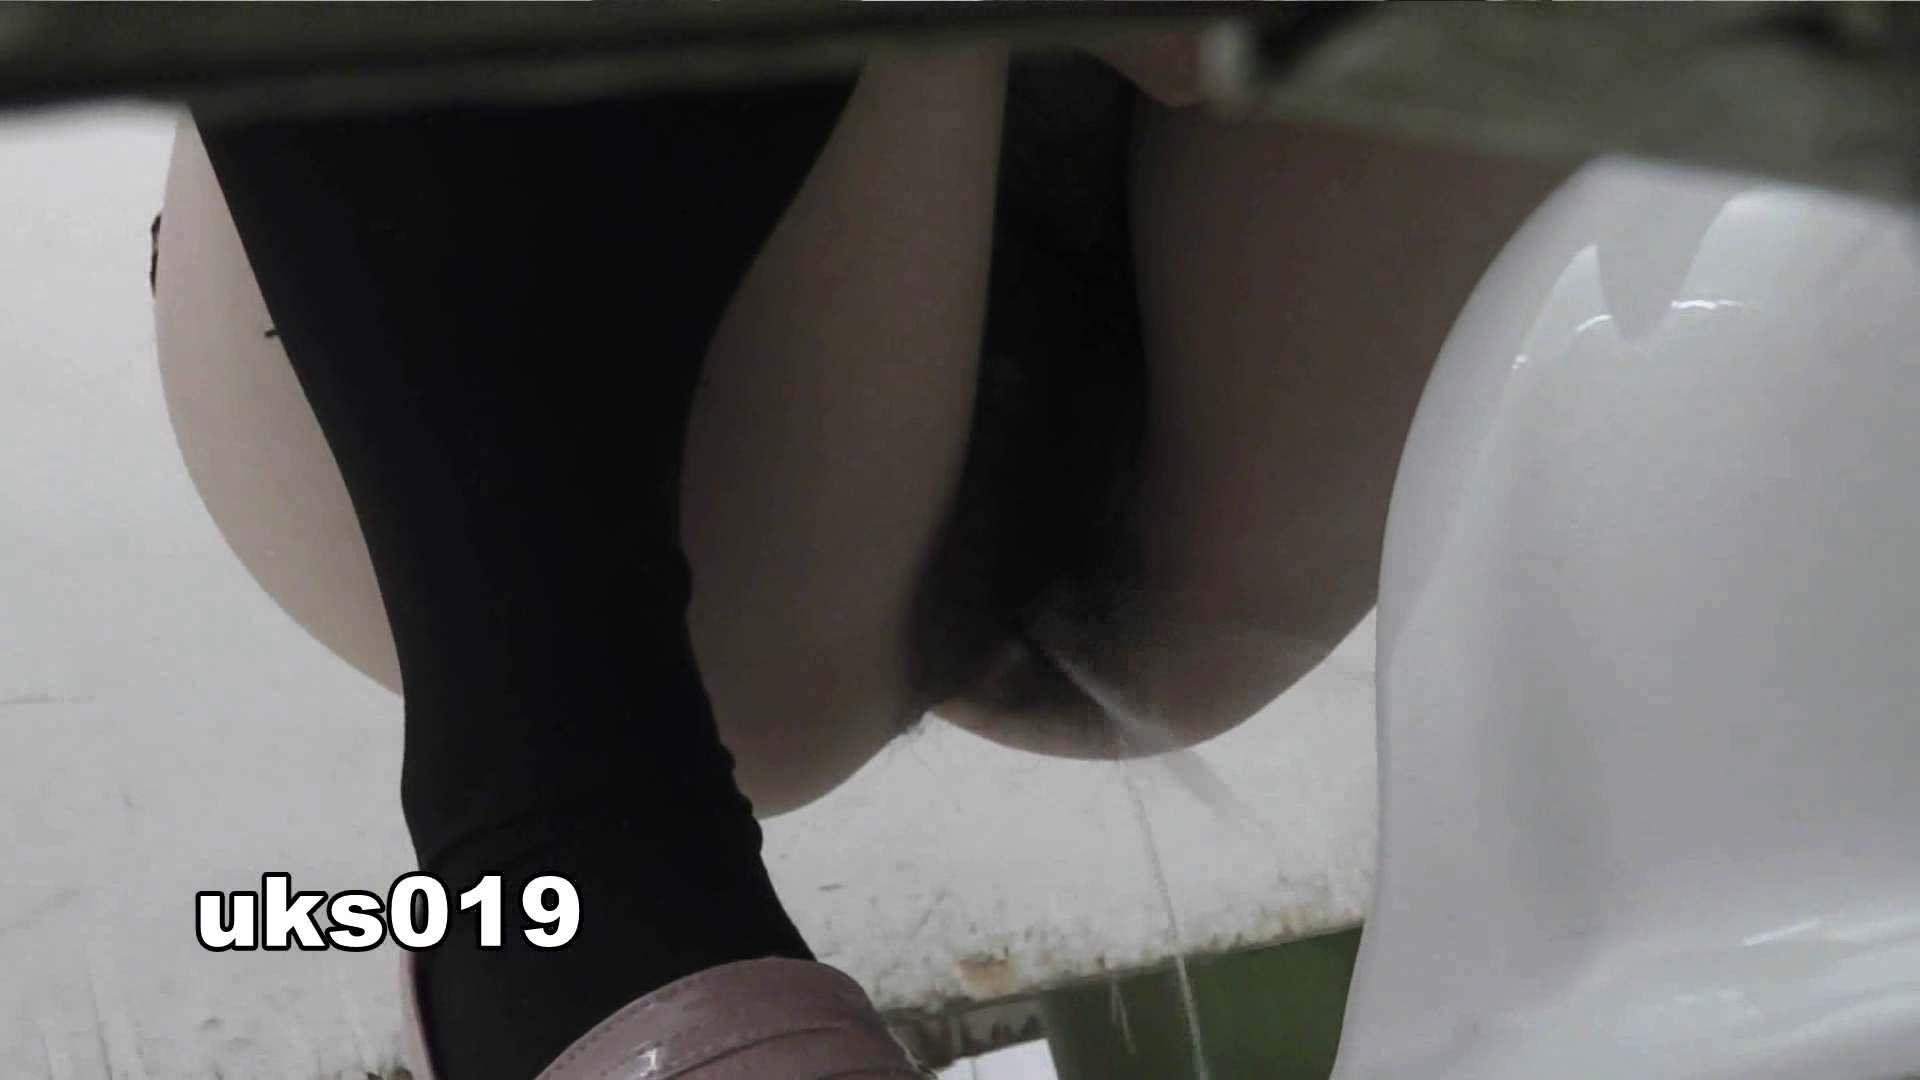 【美しき個室な世界】 vol.019 命知らず、殉職覚悟で決闘! OL女体  58連発 48